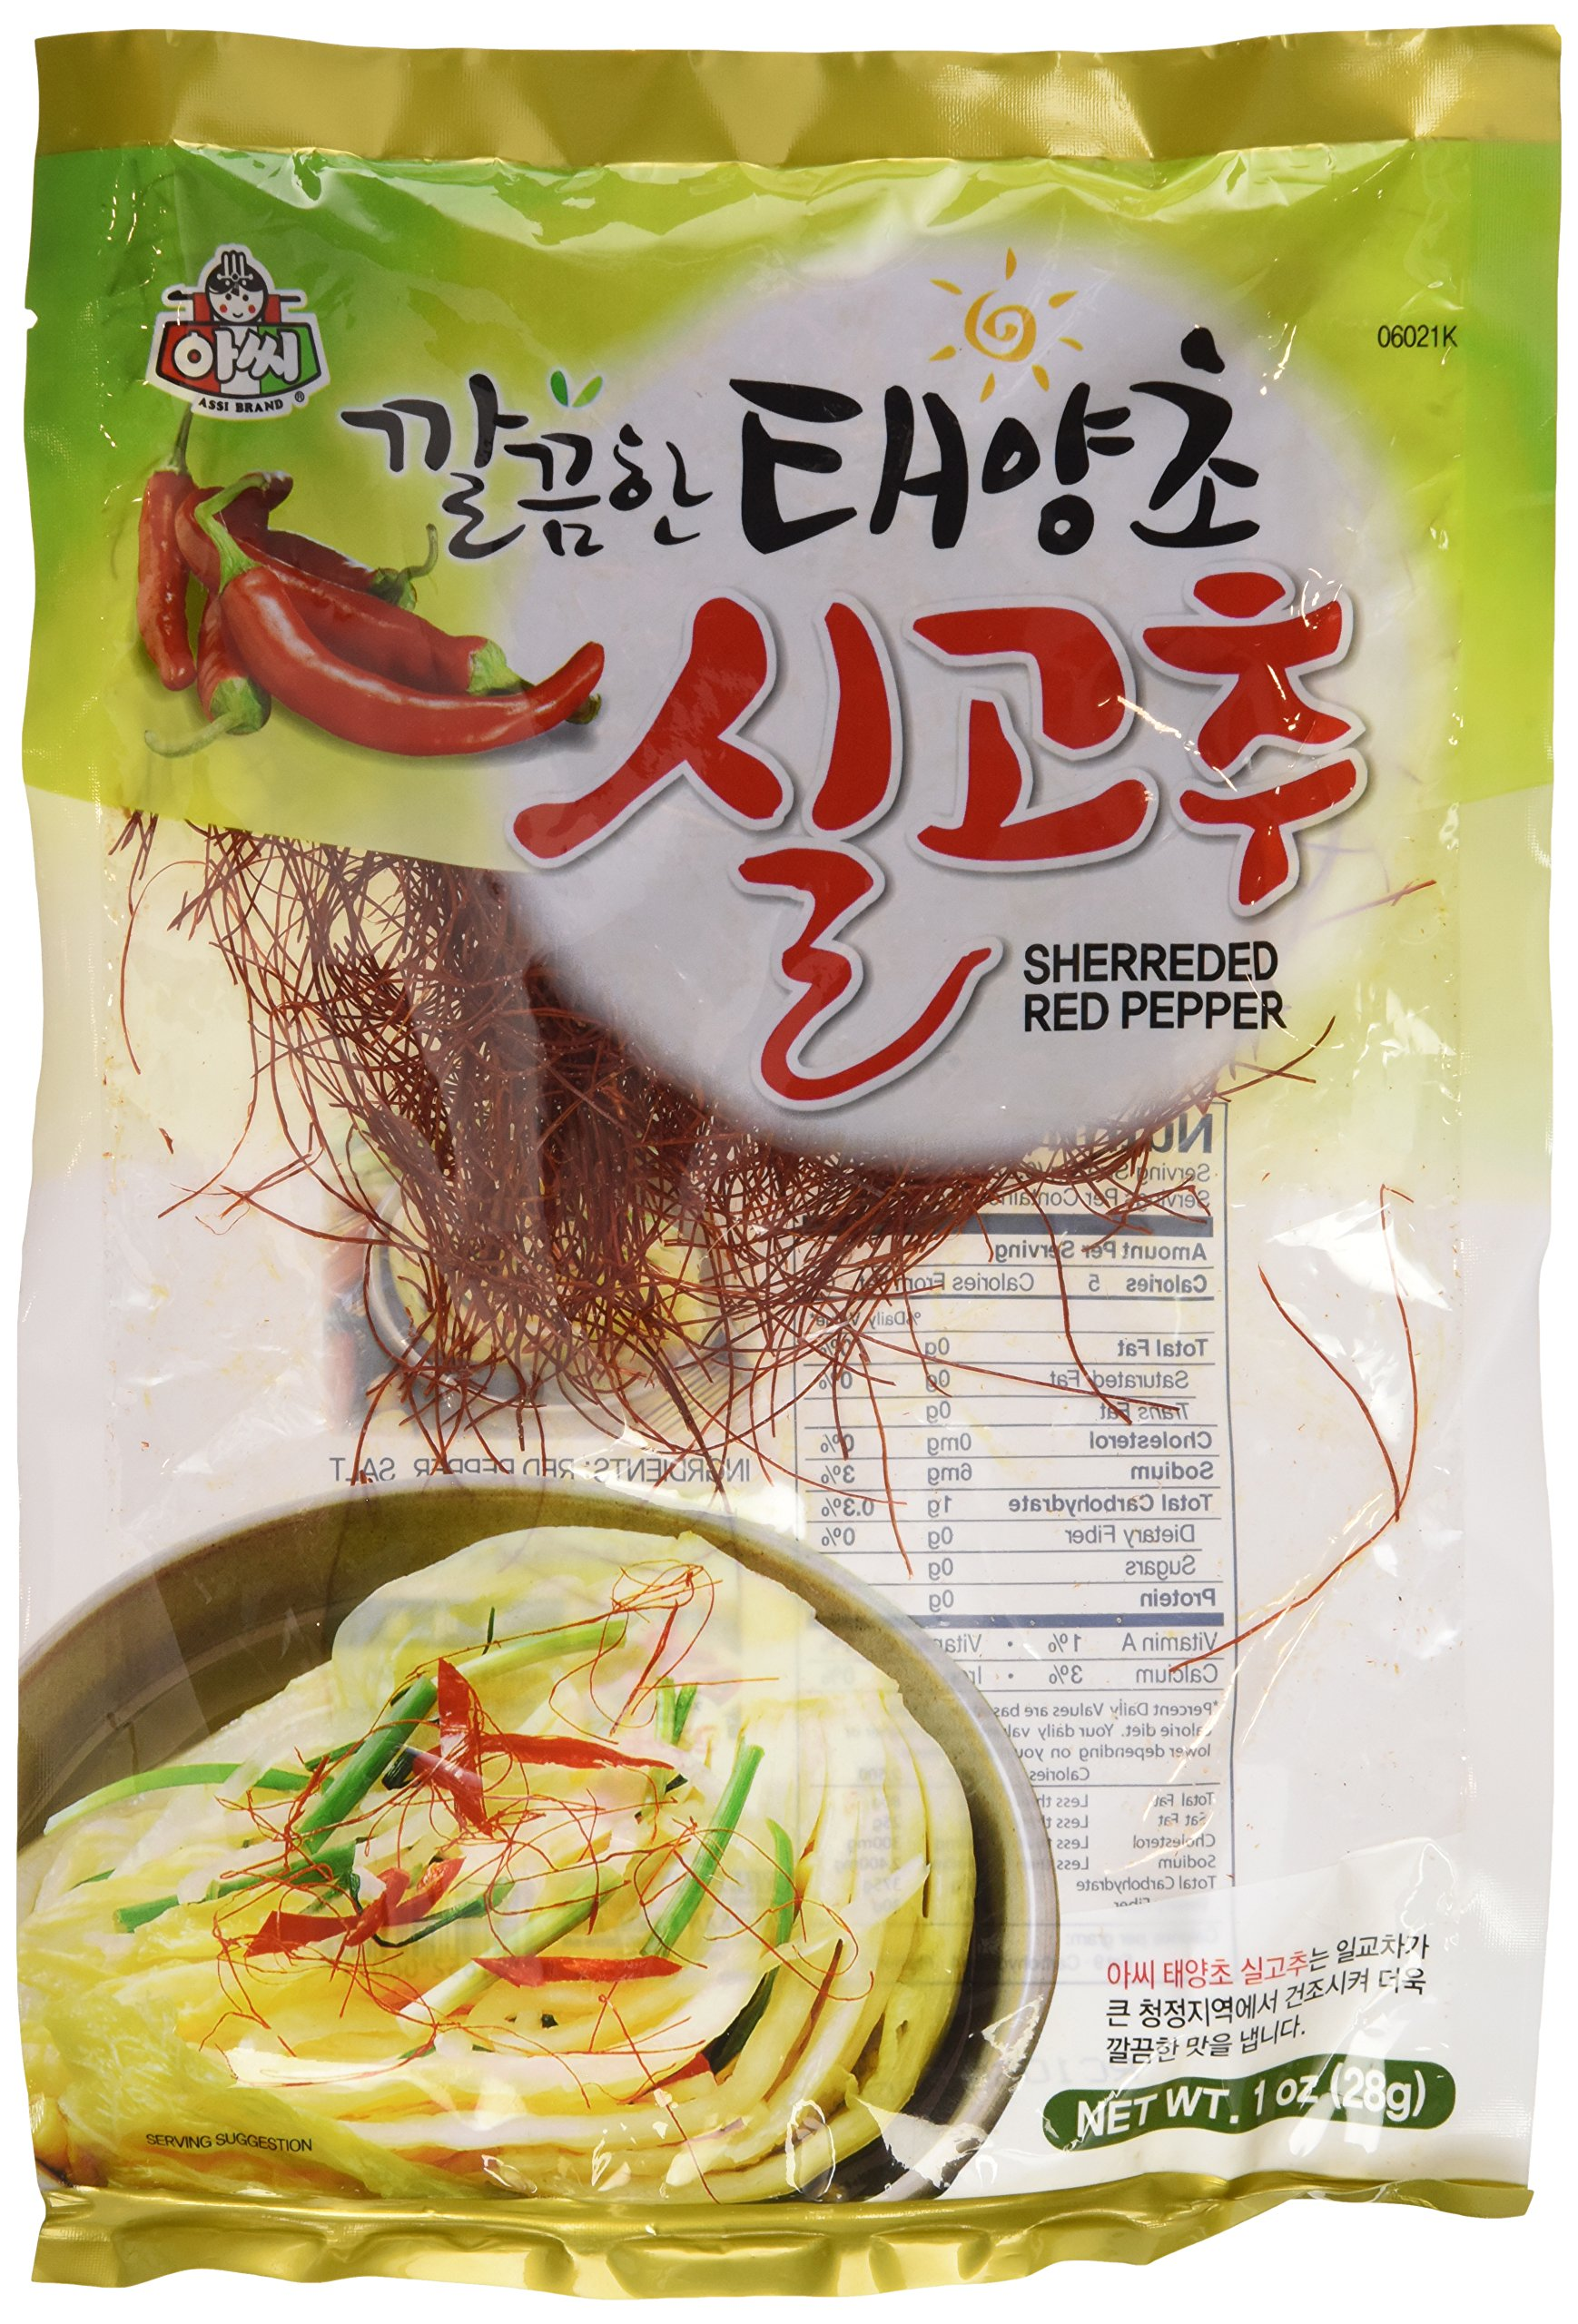 Chili Thread For Garnishing Shredded Red Pepper Shilgochu 1 Oz